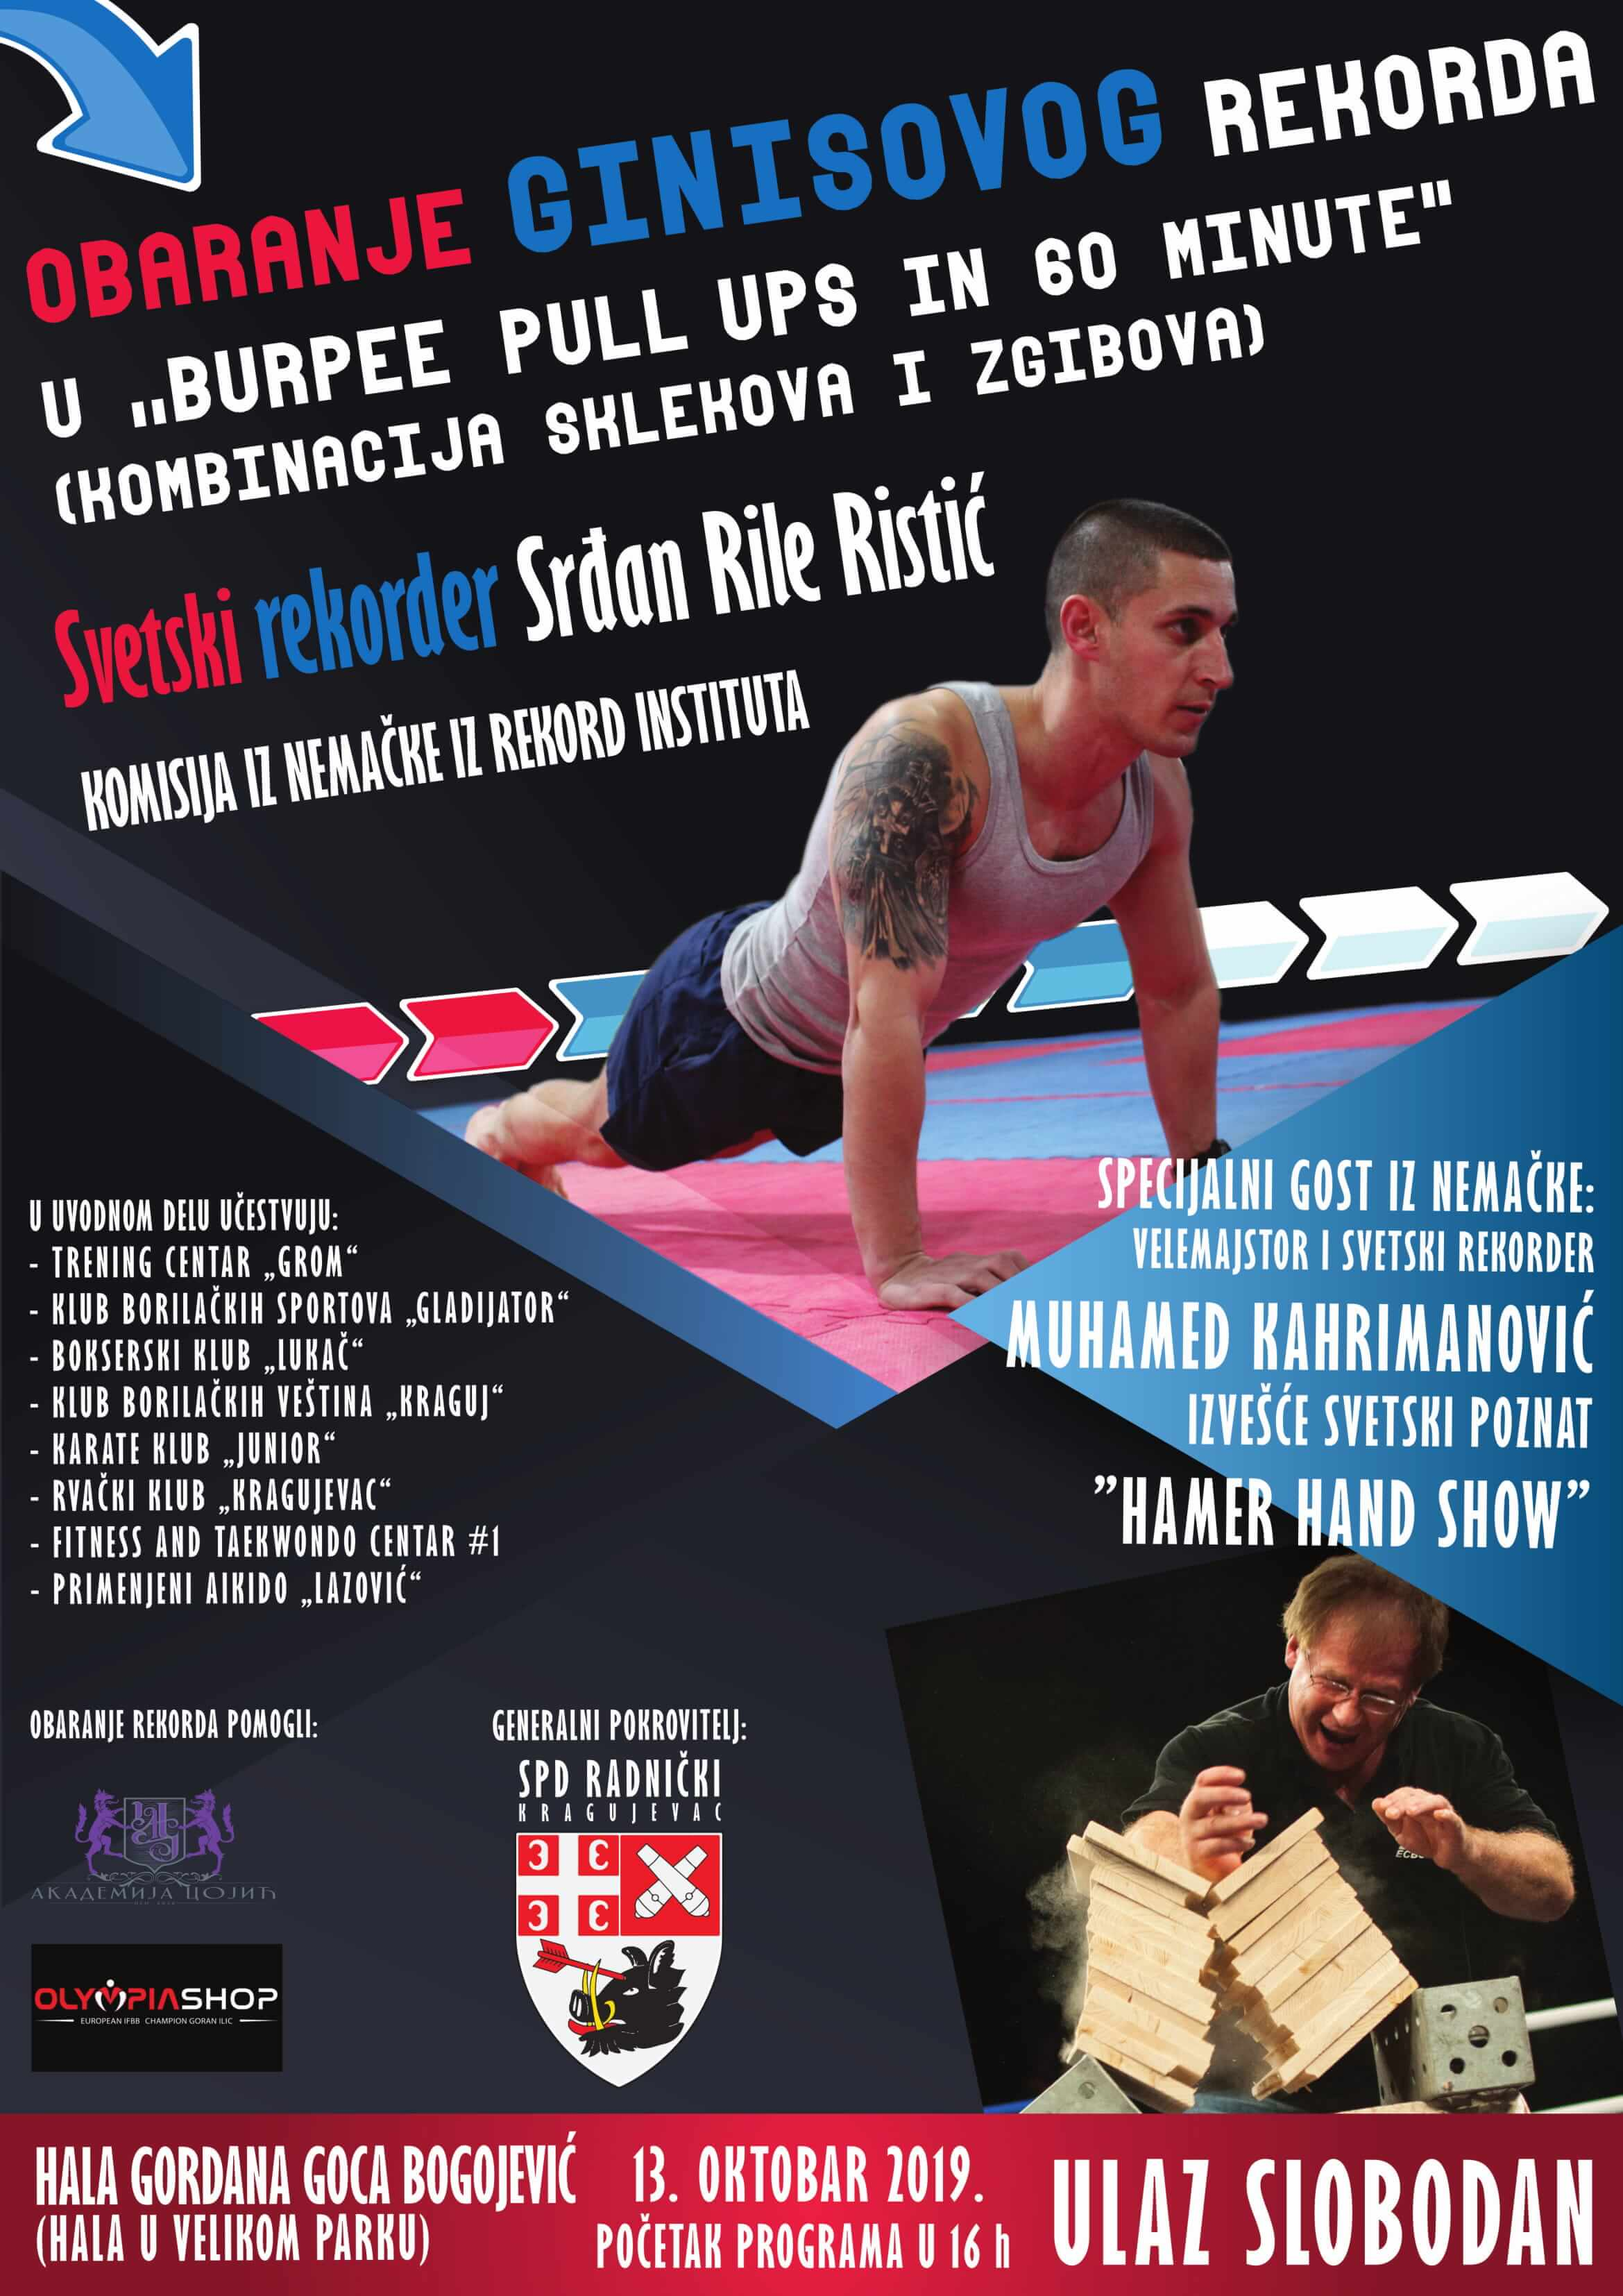 You are currently viewing Srđan Rile Ristić u pohodu na novi Ginisov rekord